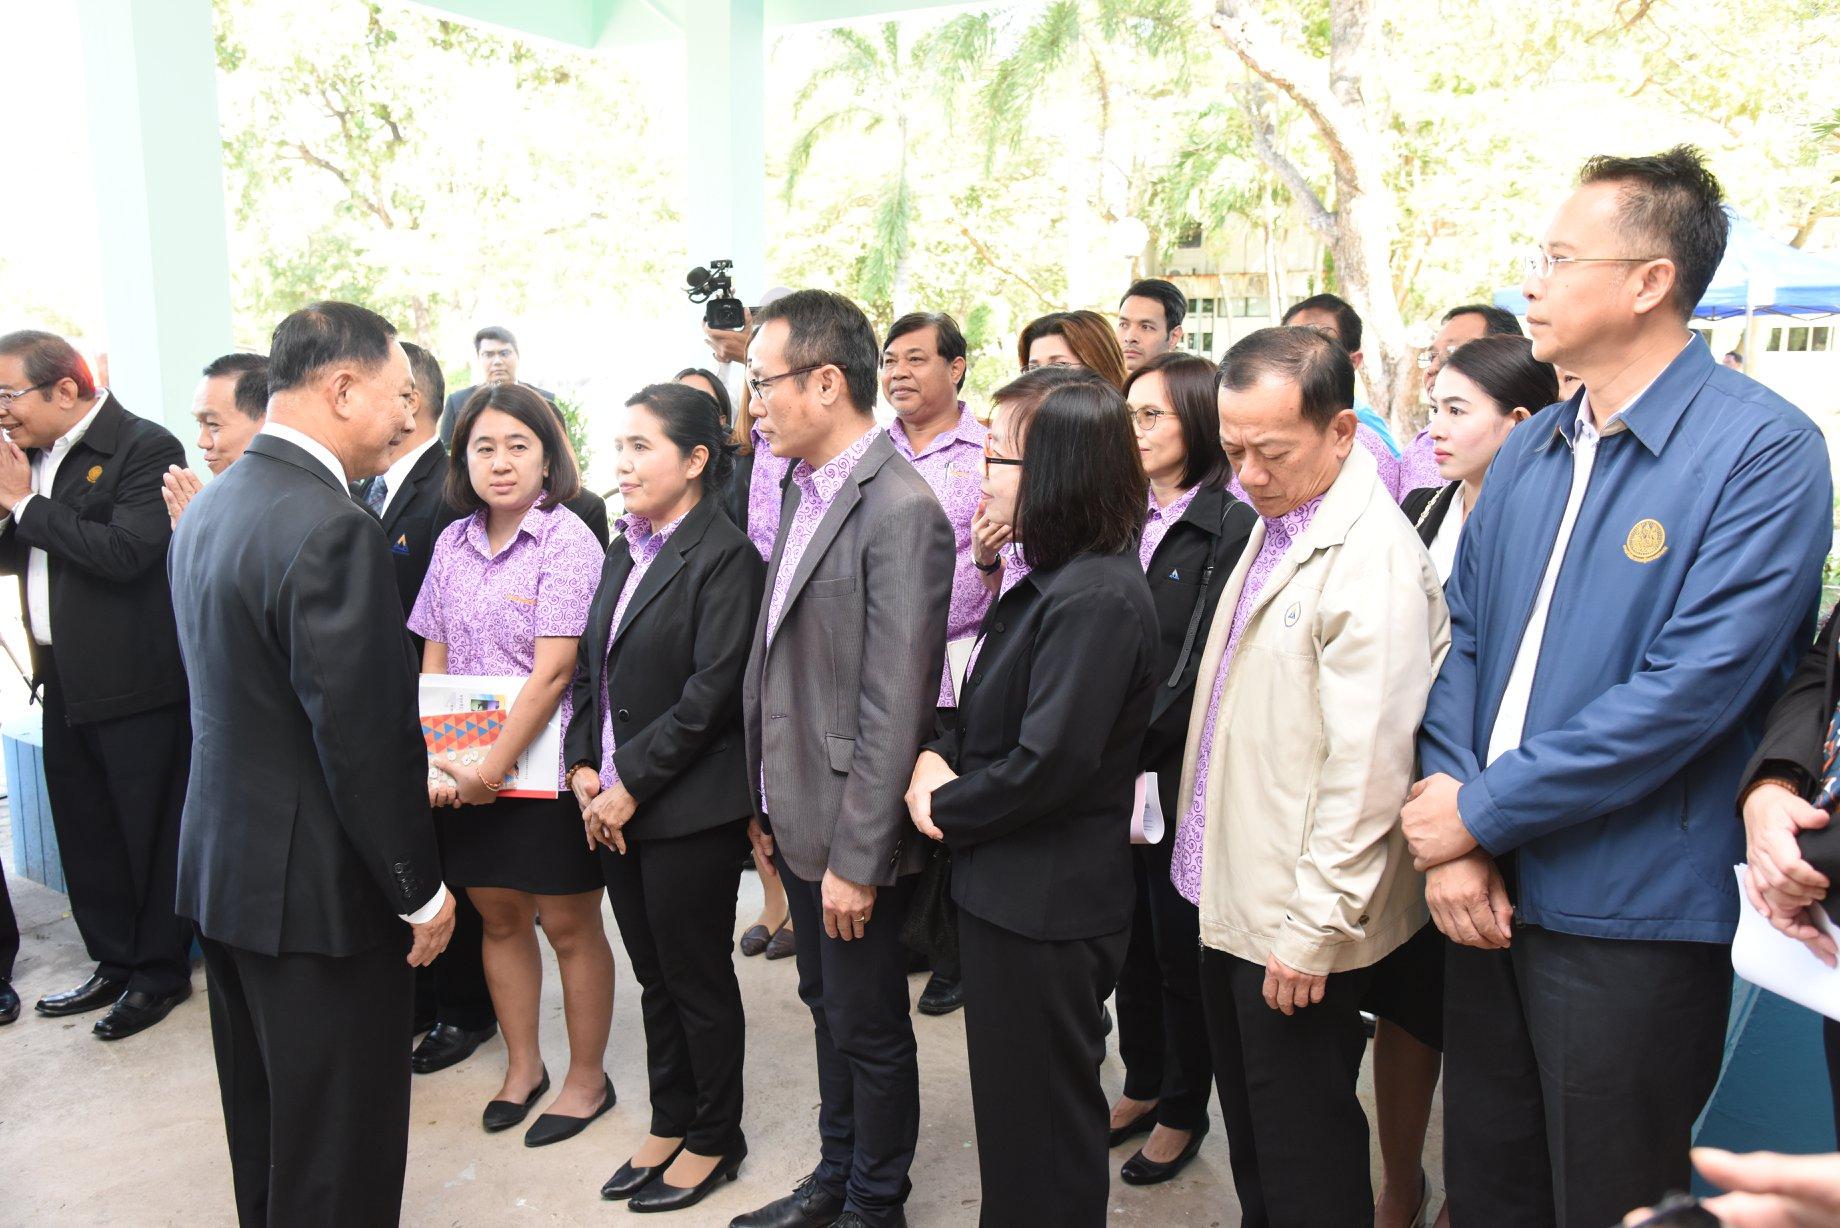 รัฐมนตรีว่าการกระทรวงแรงงาน พร้อมคณะ ลงพื้นที่ตรวจความพร้อมของสถานที่ตั้งศูนย์บริหารแรงงานฯ